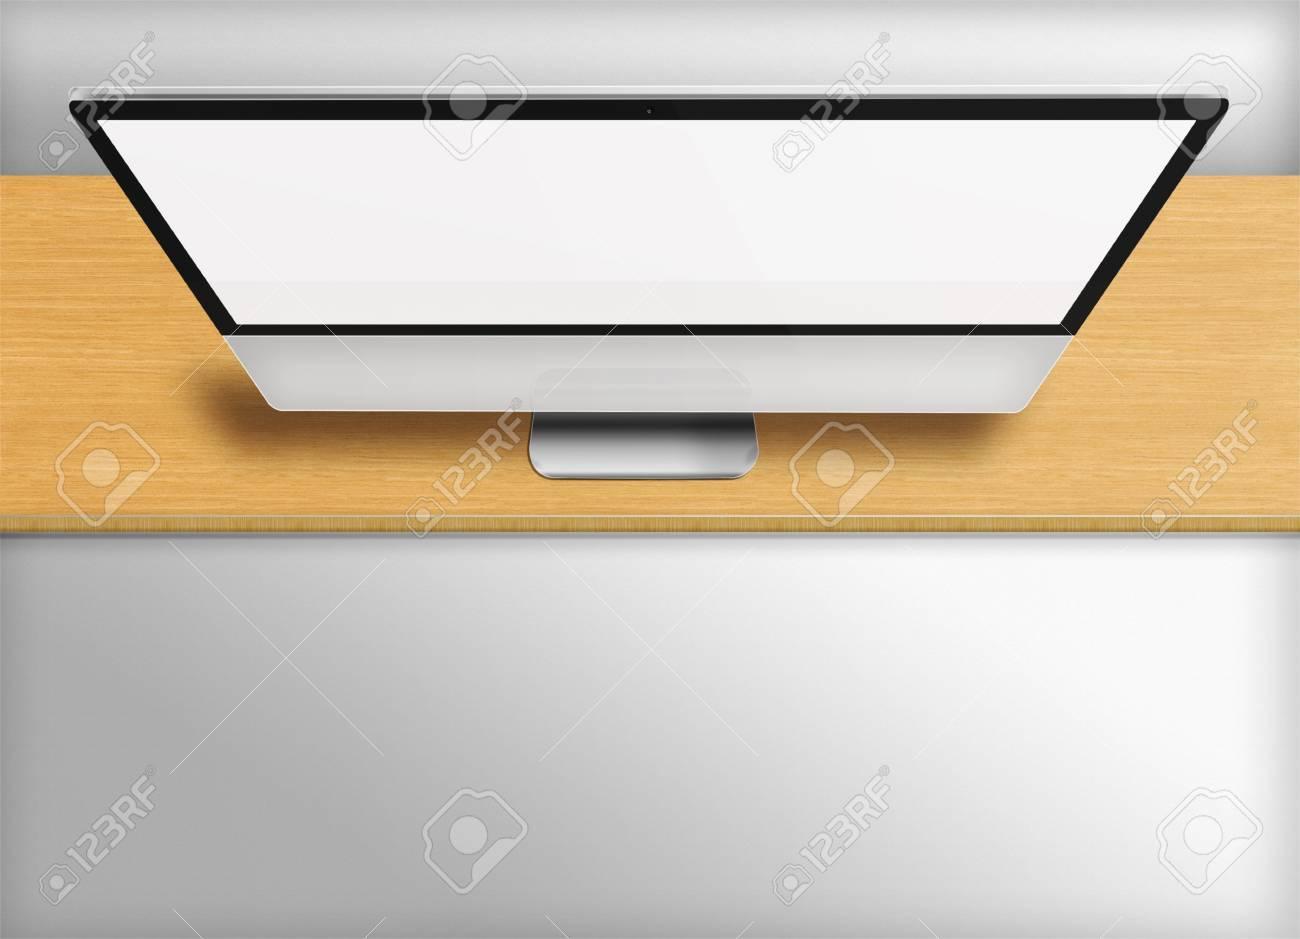 Moniteur de l ordinateur moderne avec écran vide sur le bureau en